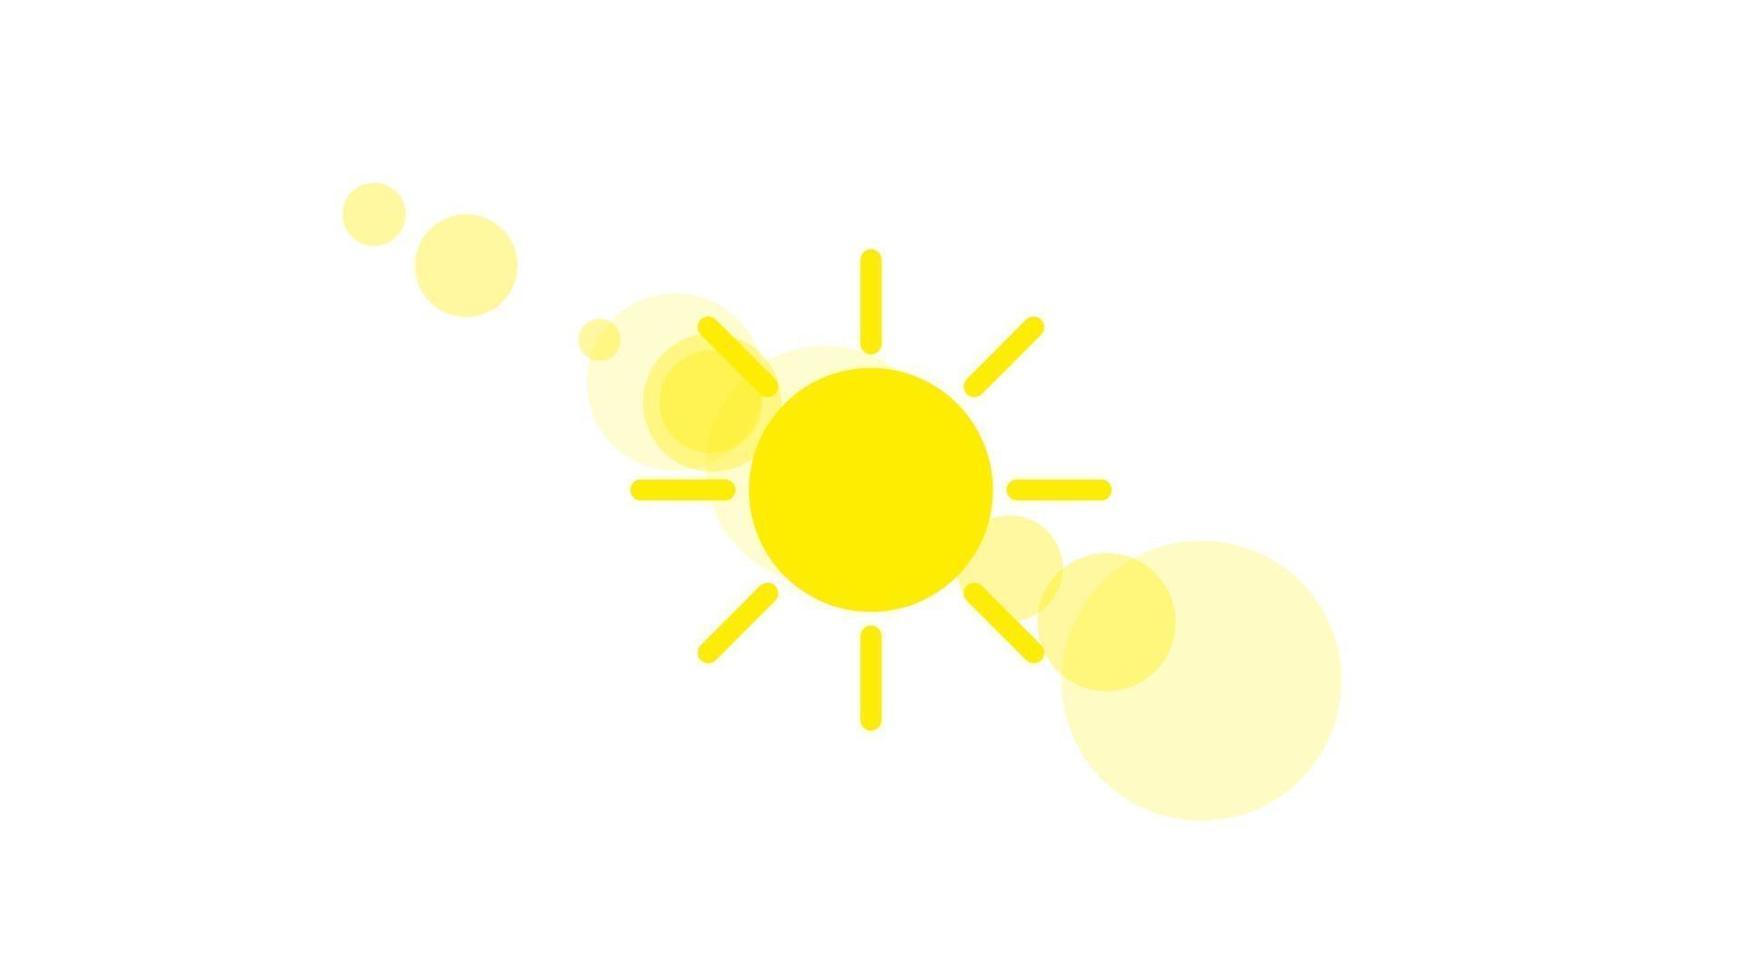 icône de signe de temps ensoleillé sur fond blanc. illustration du soleil jaune vecteur